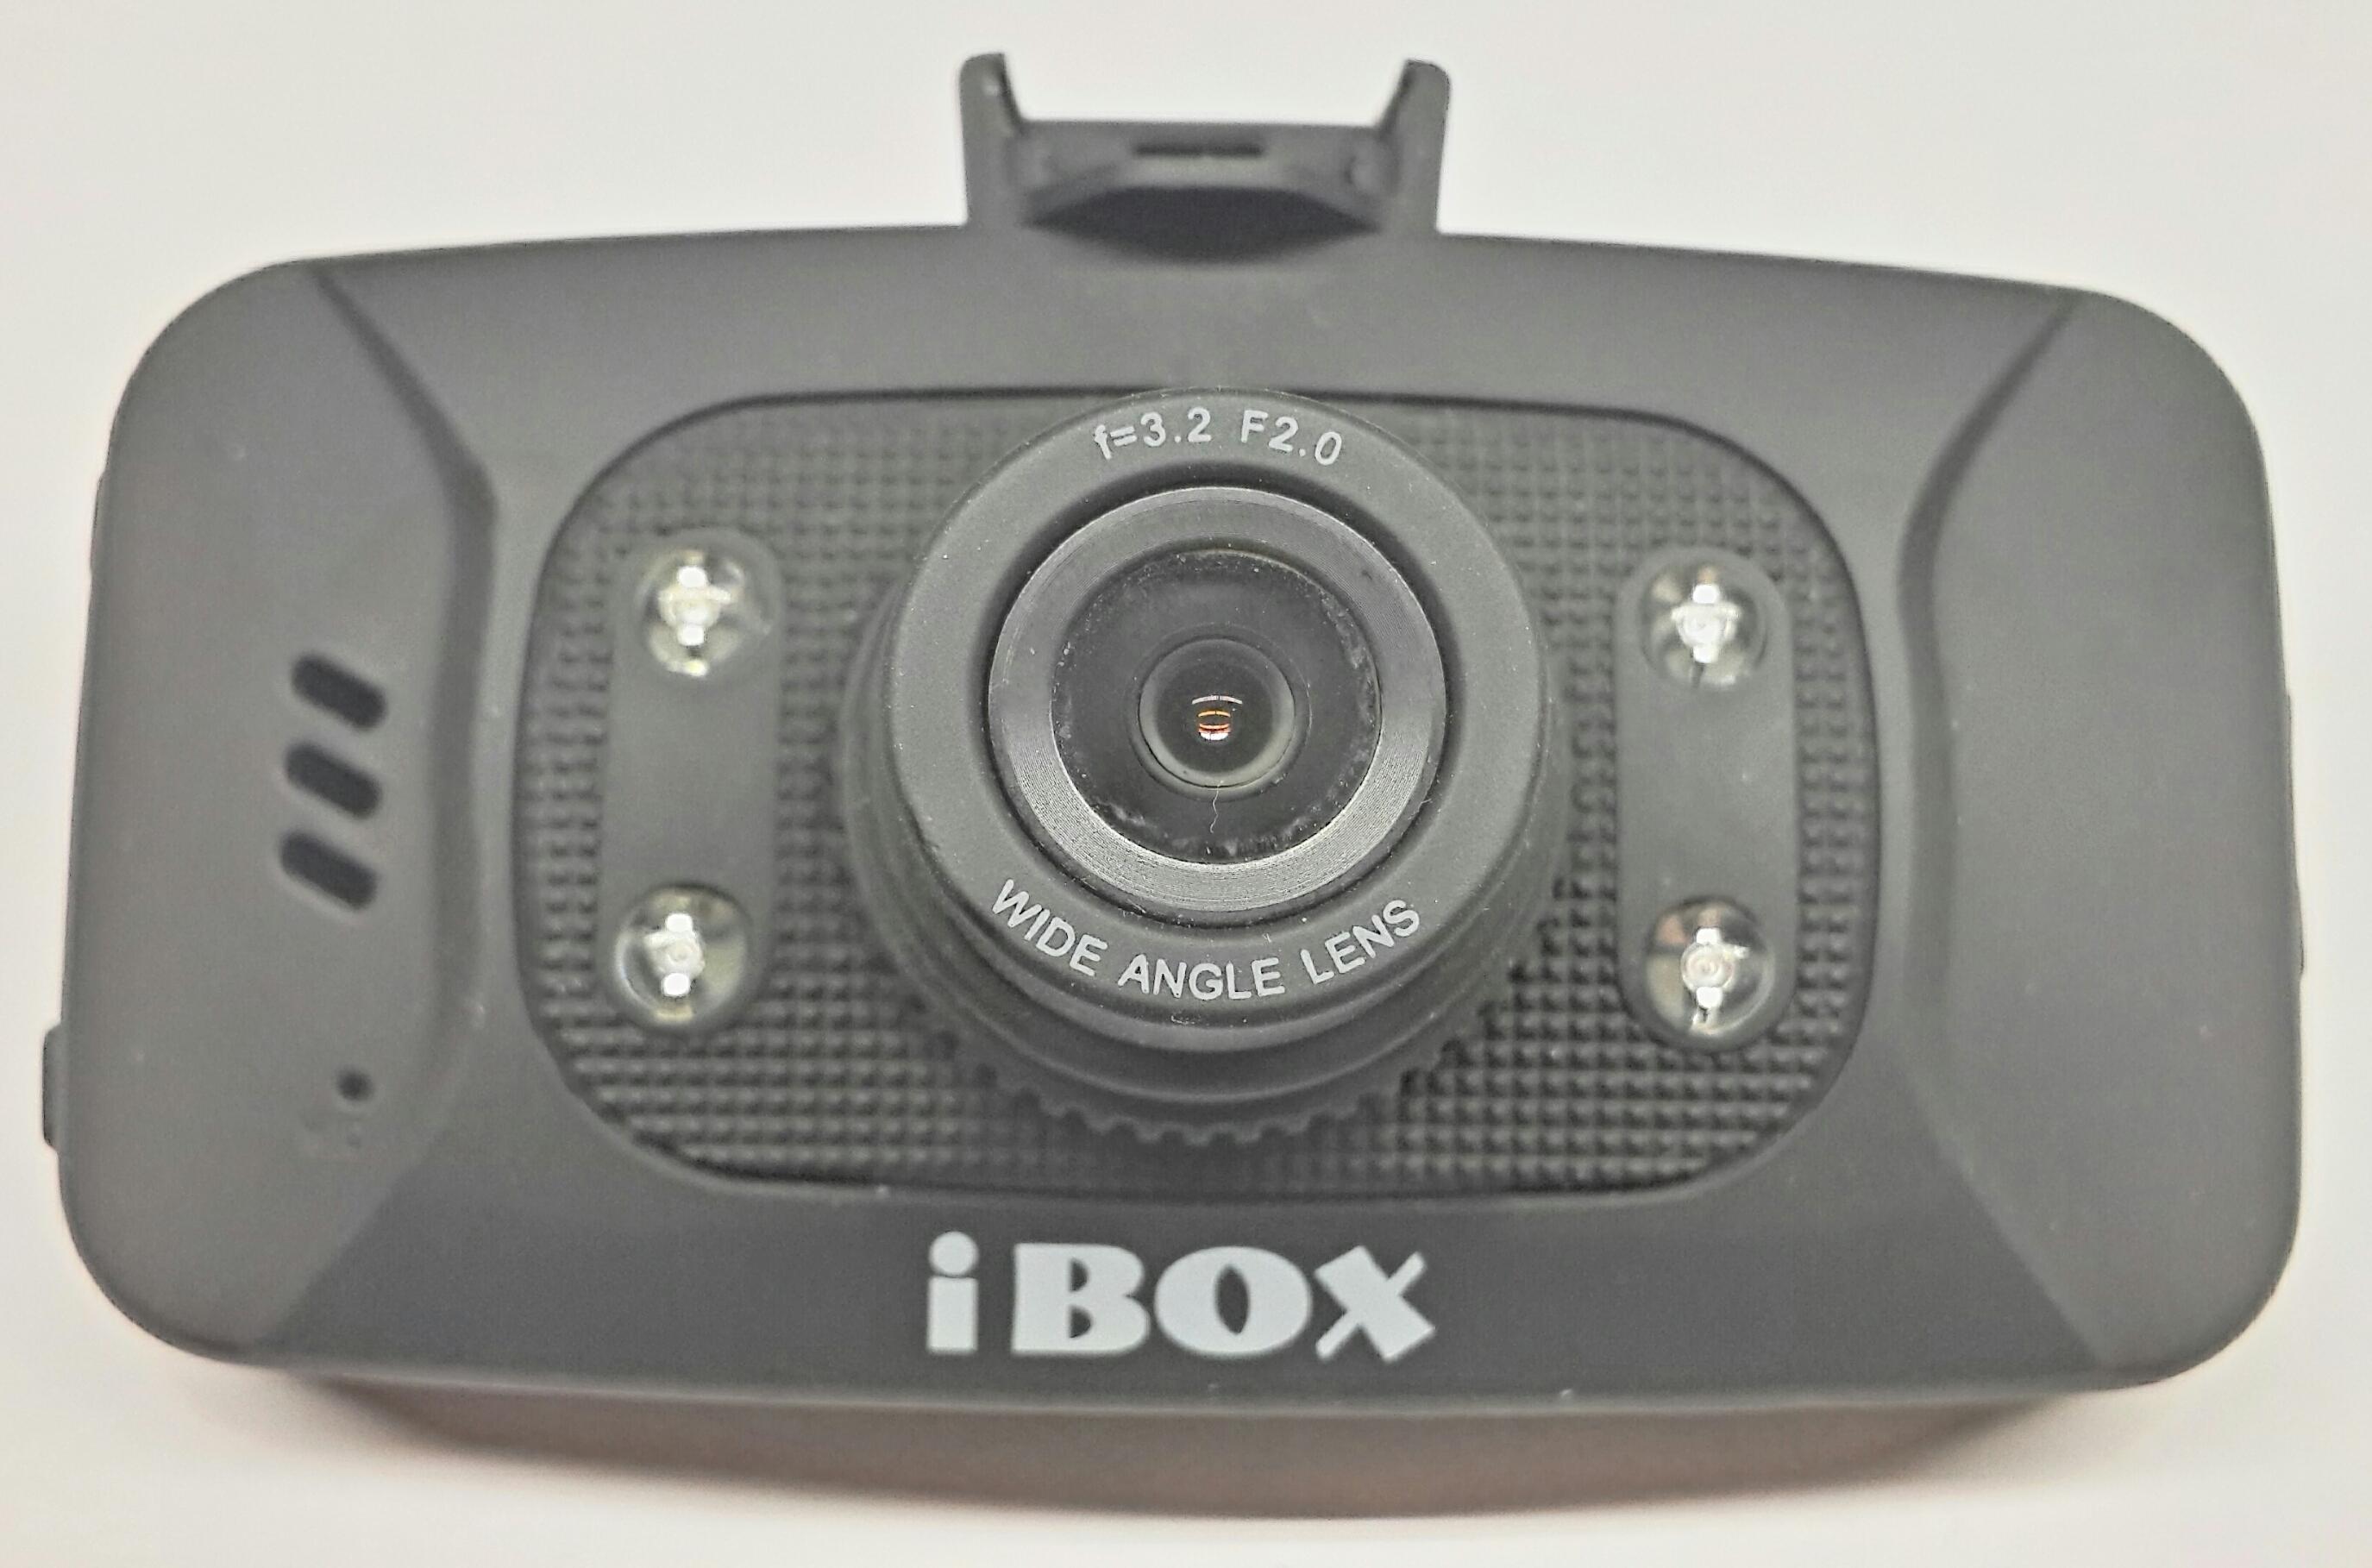 Видеорегистратор iBOX Z-707. Вид спереди